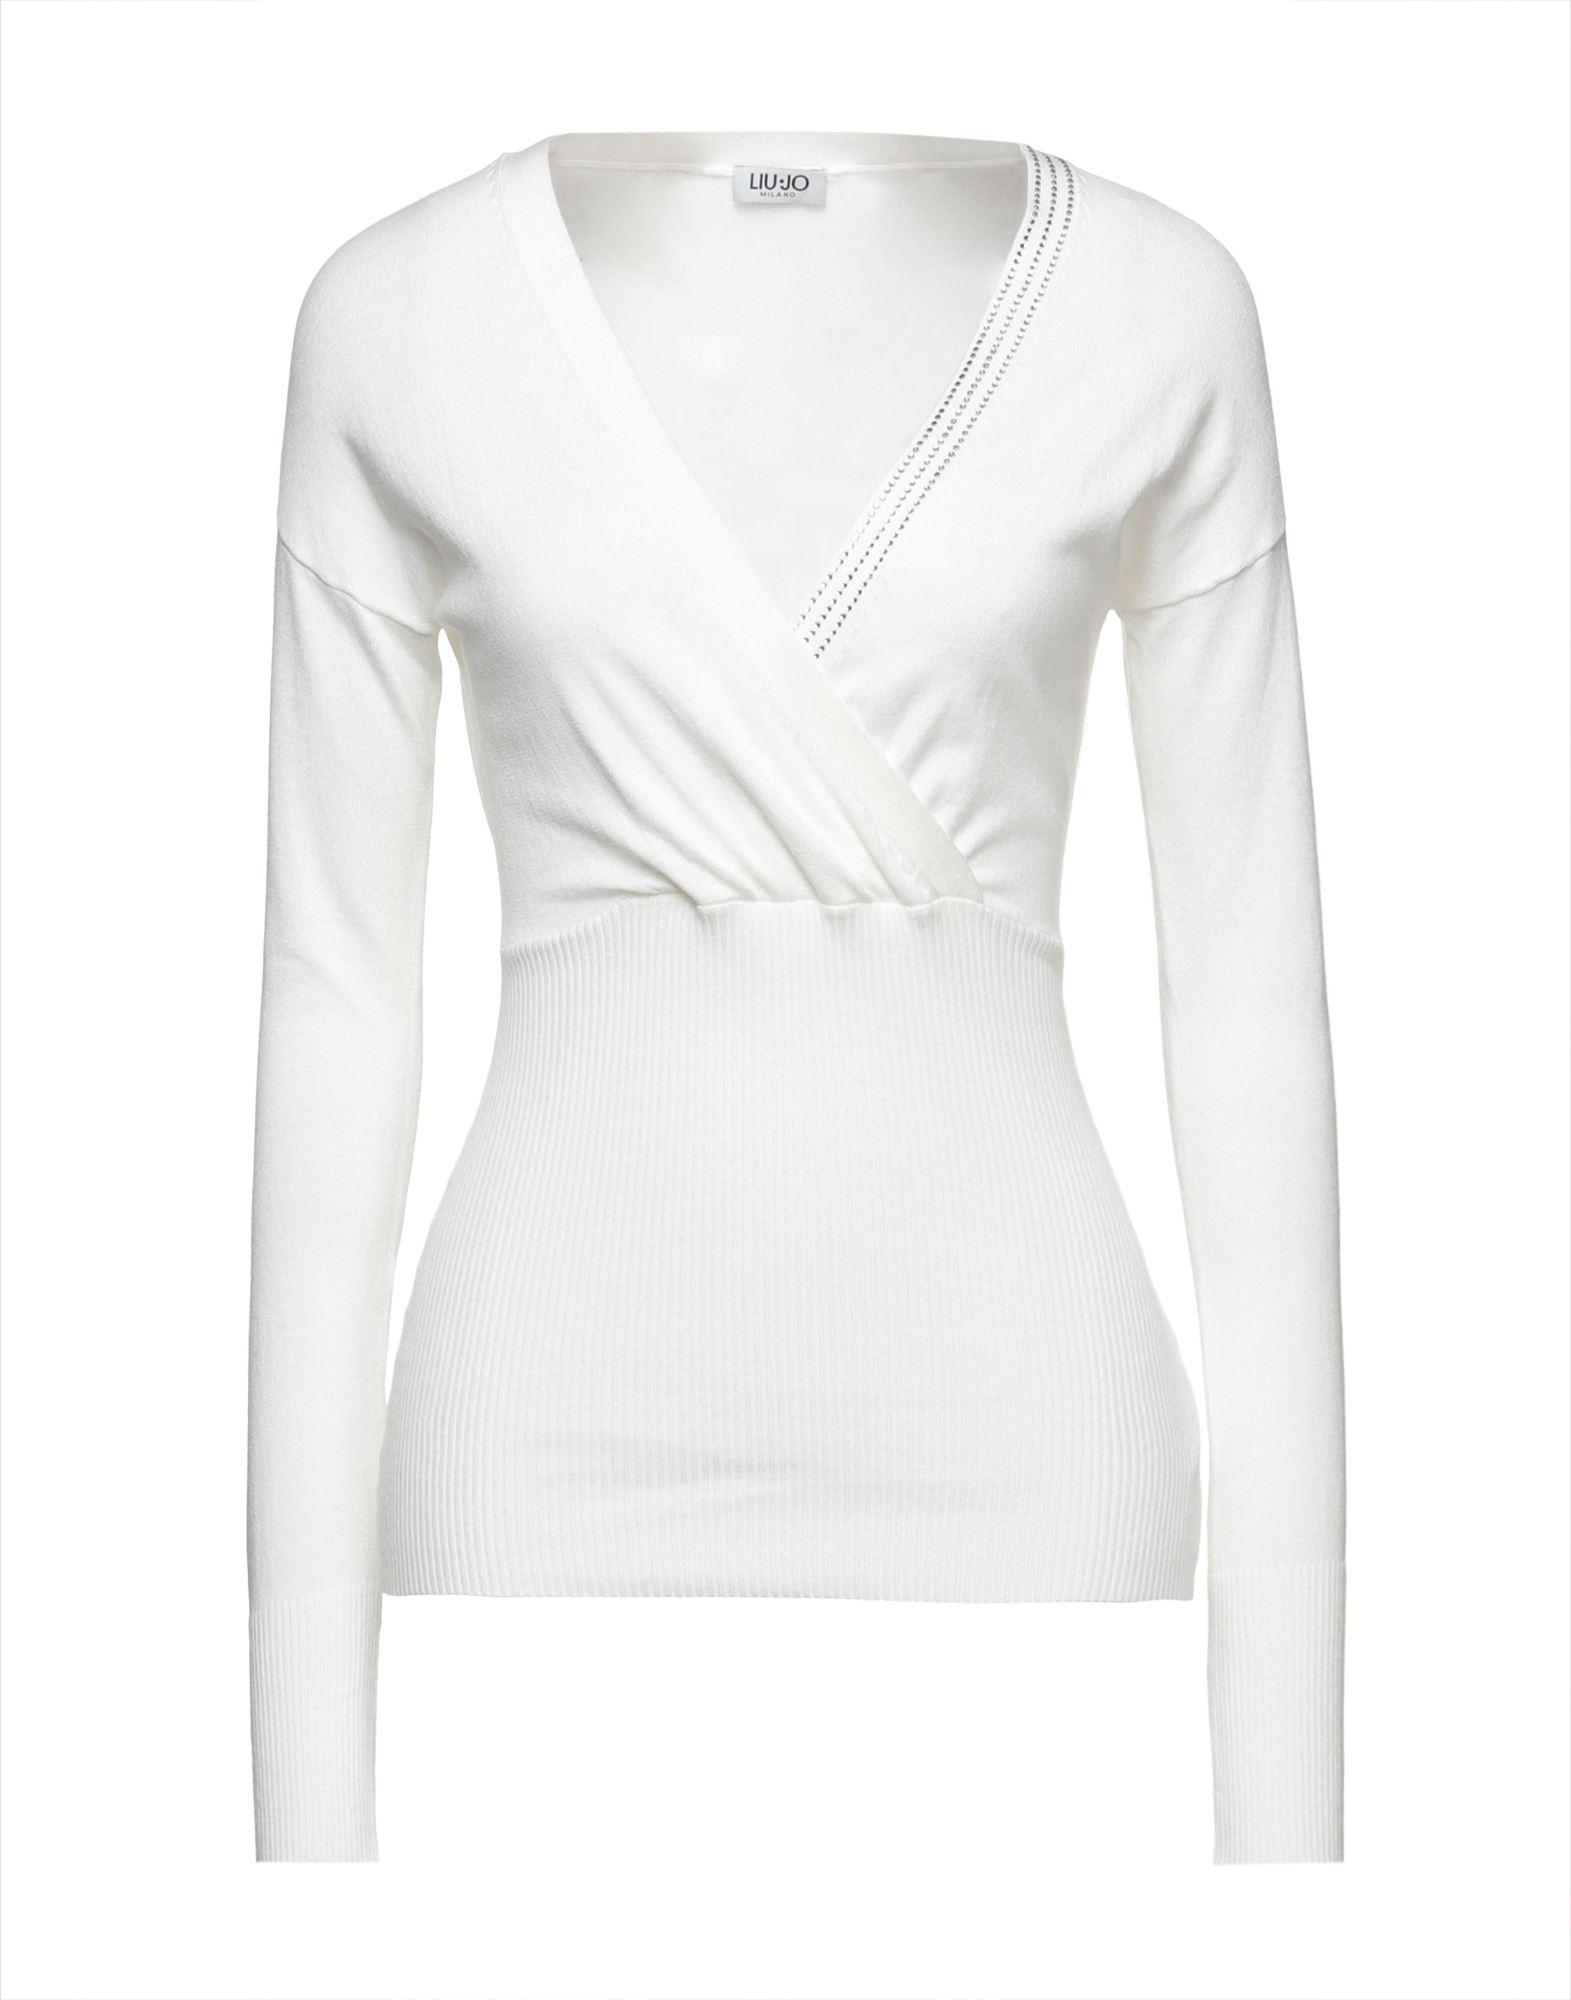 LIU JO Sweaters - Item 14119025